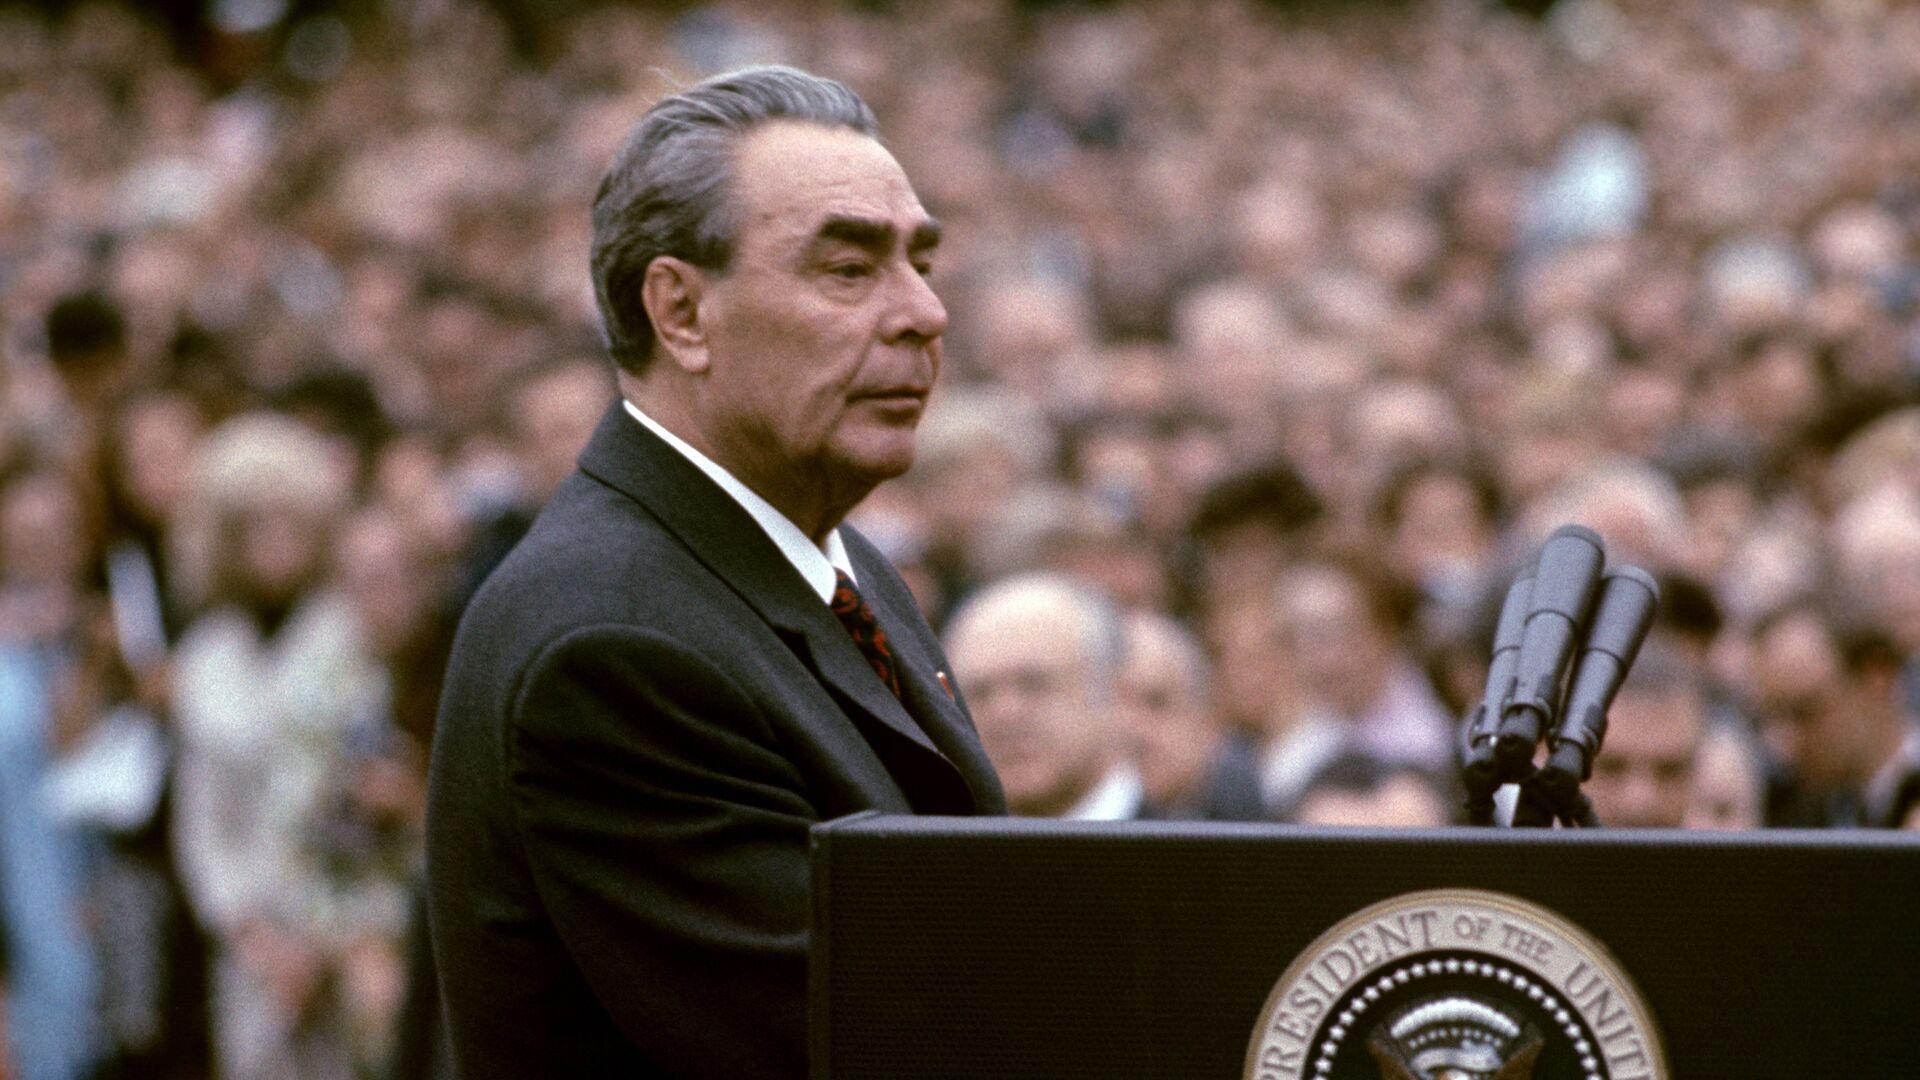 18 июня 1973 года по приглашению Президента США Р. Никсона с официальным визитом в Вашингтон прибыл генеральный секретарь ЦК КПСС, член Президиума Верховного Совета СССР Л.И. Брежнев - РИА Новости, 1920, 18.09.2020